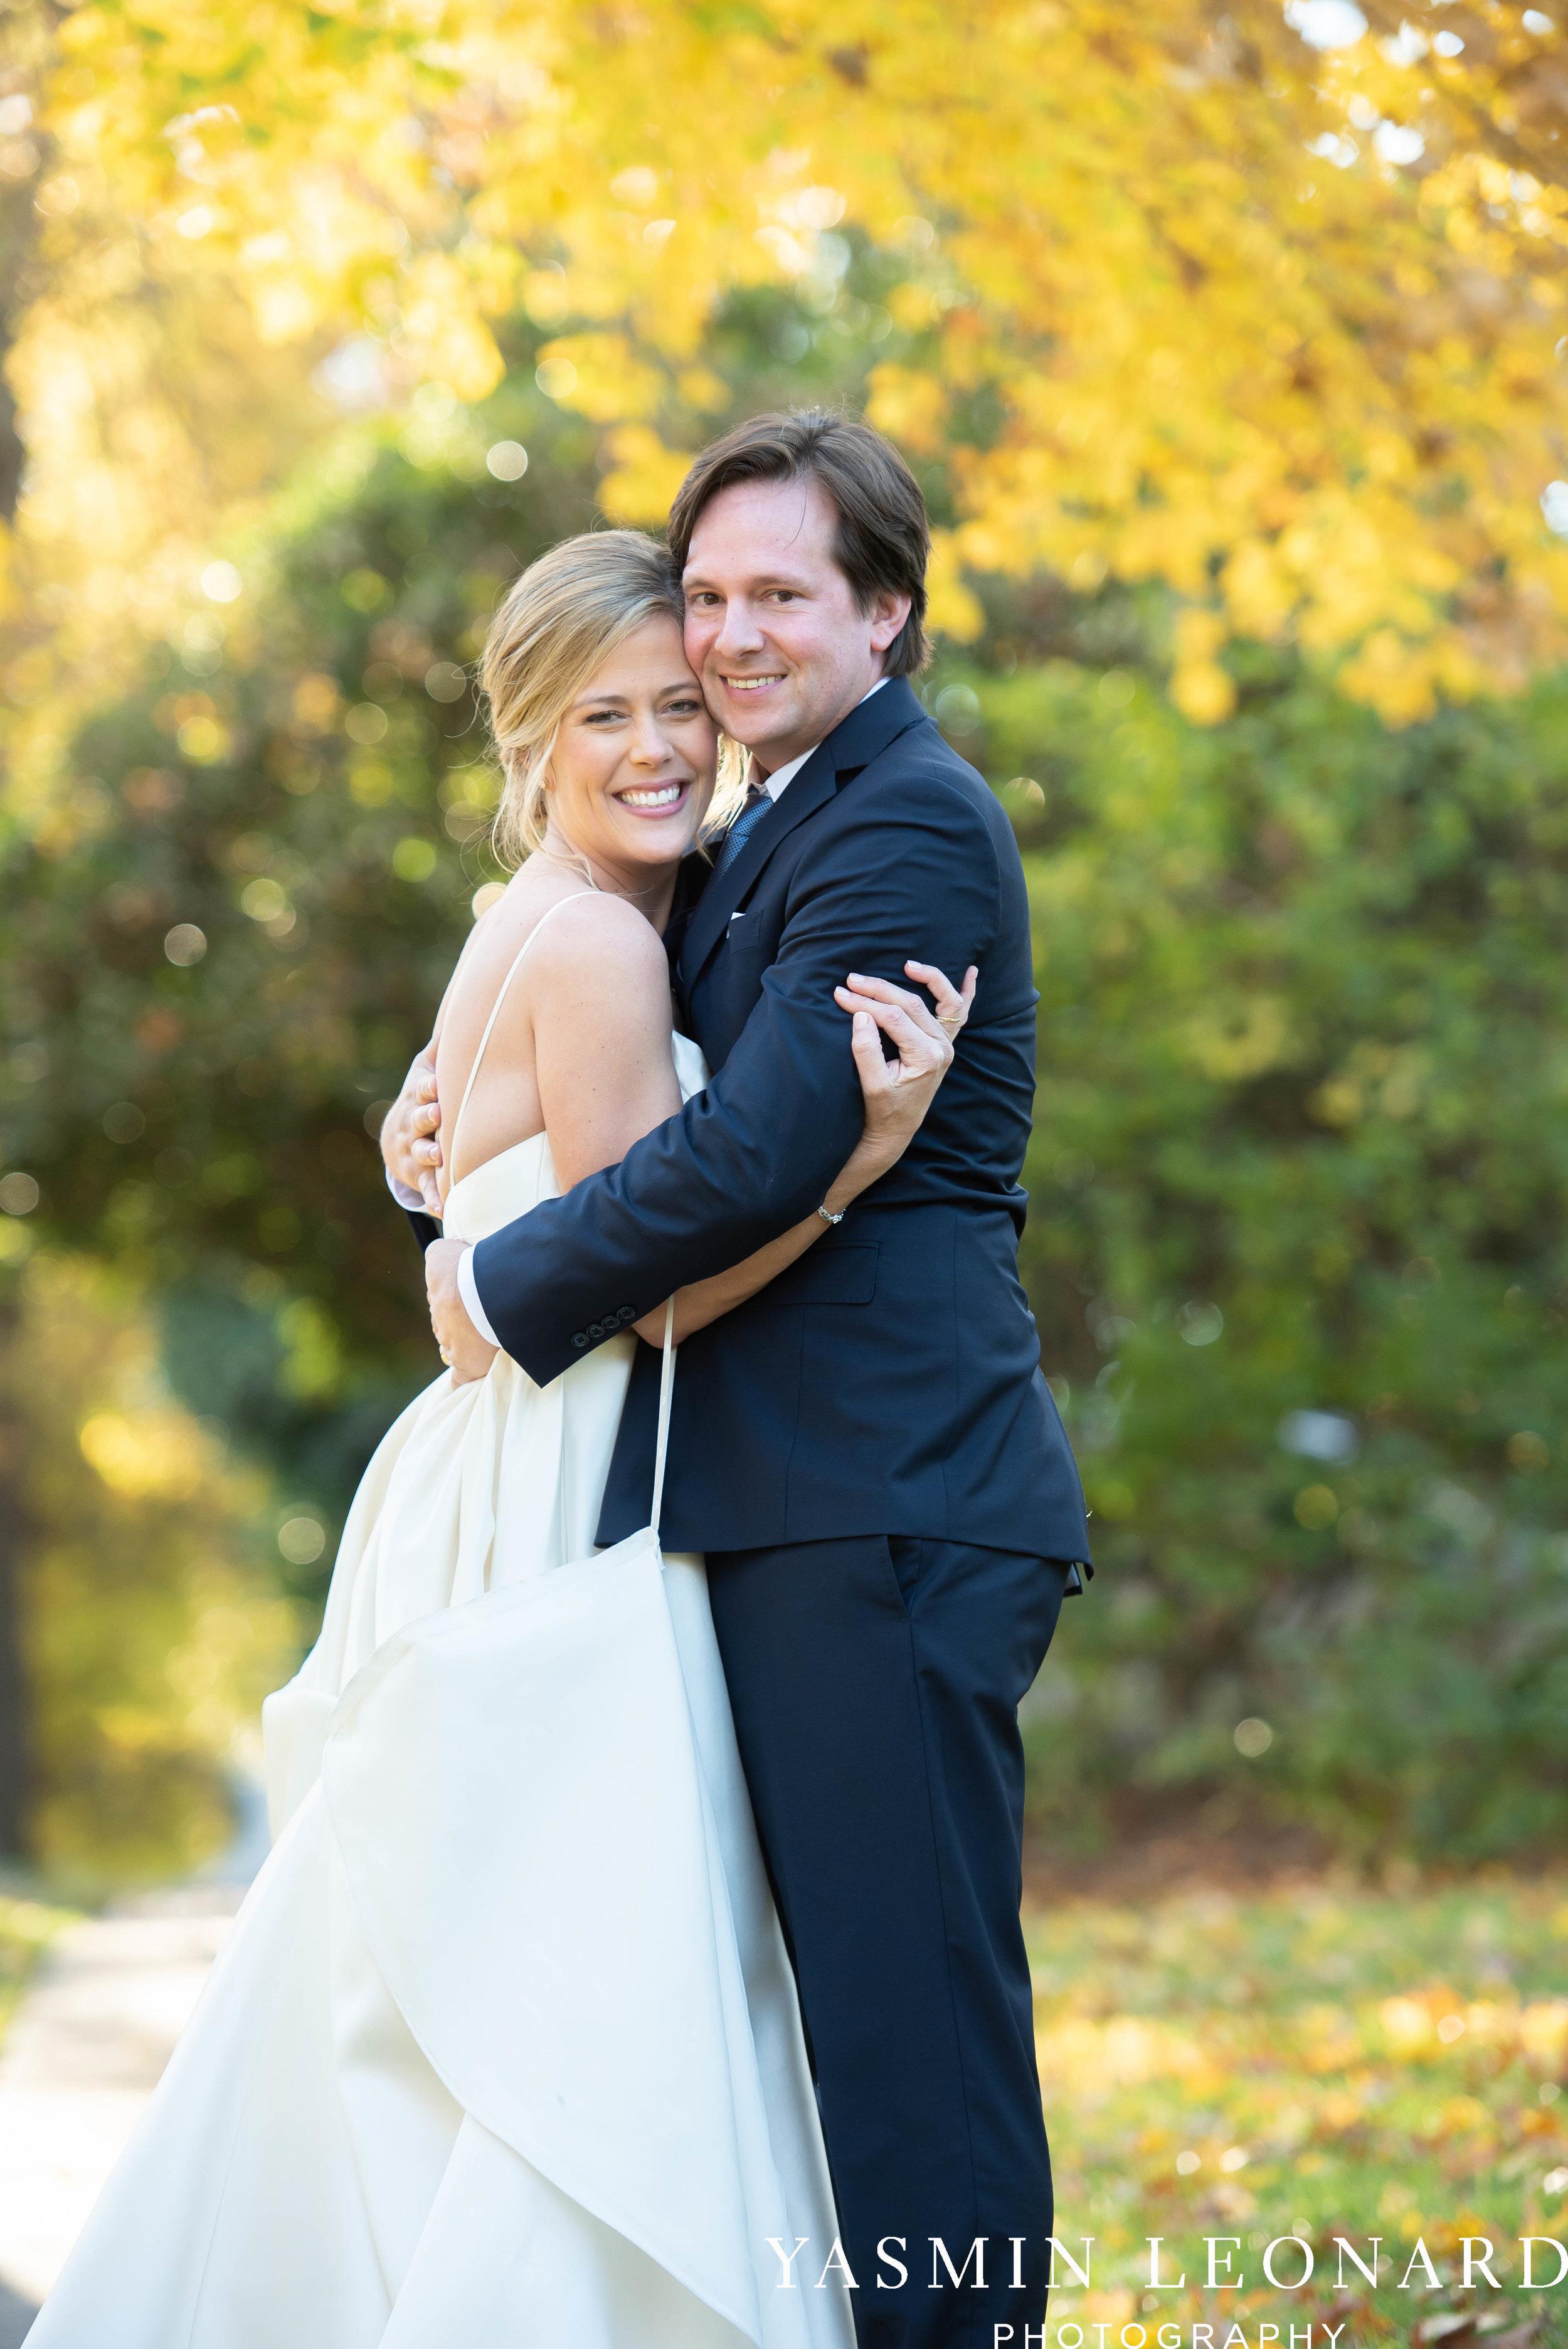 Wesley Memorial United Methodist Church - EmeryWood - High Point Weddings - High Point Wedding Photographer - NC Wedding Photographer - Yasmin Leonard Photography-60.jpg